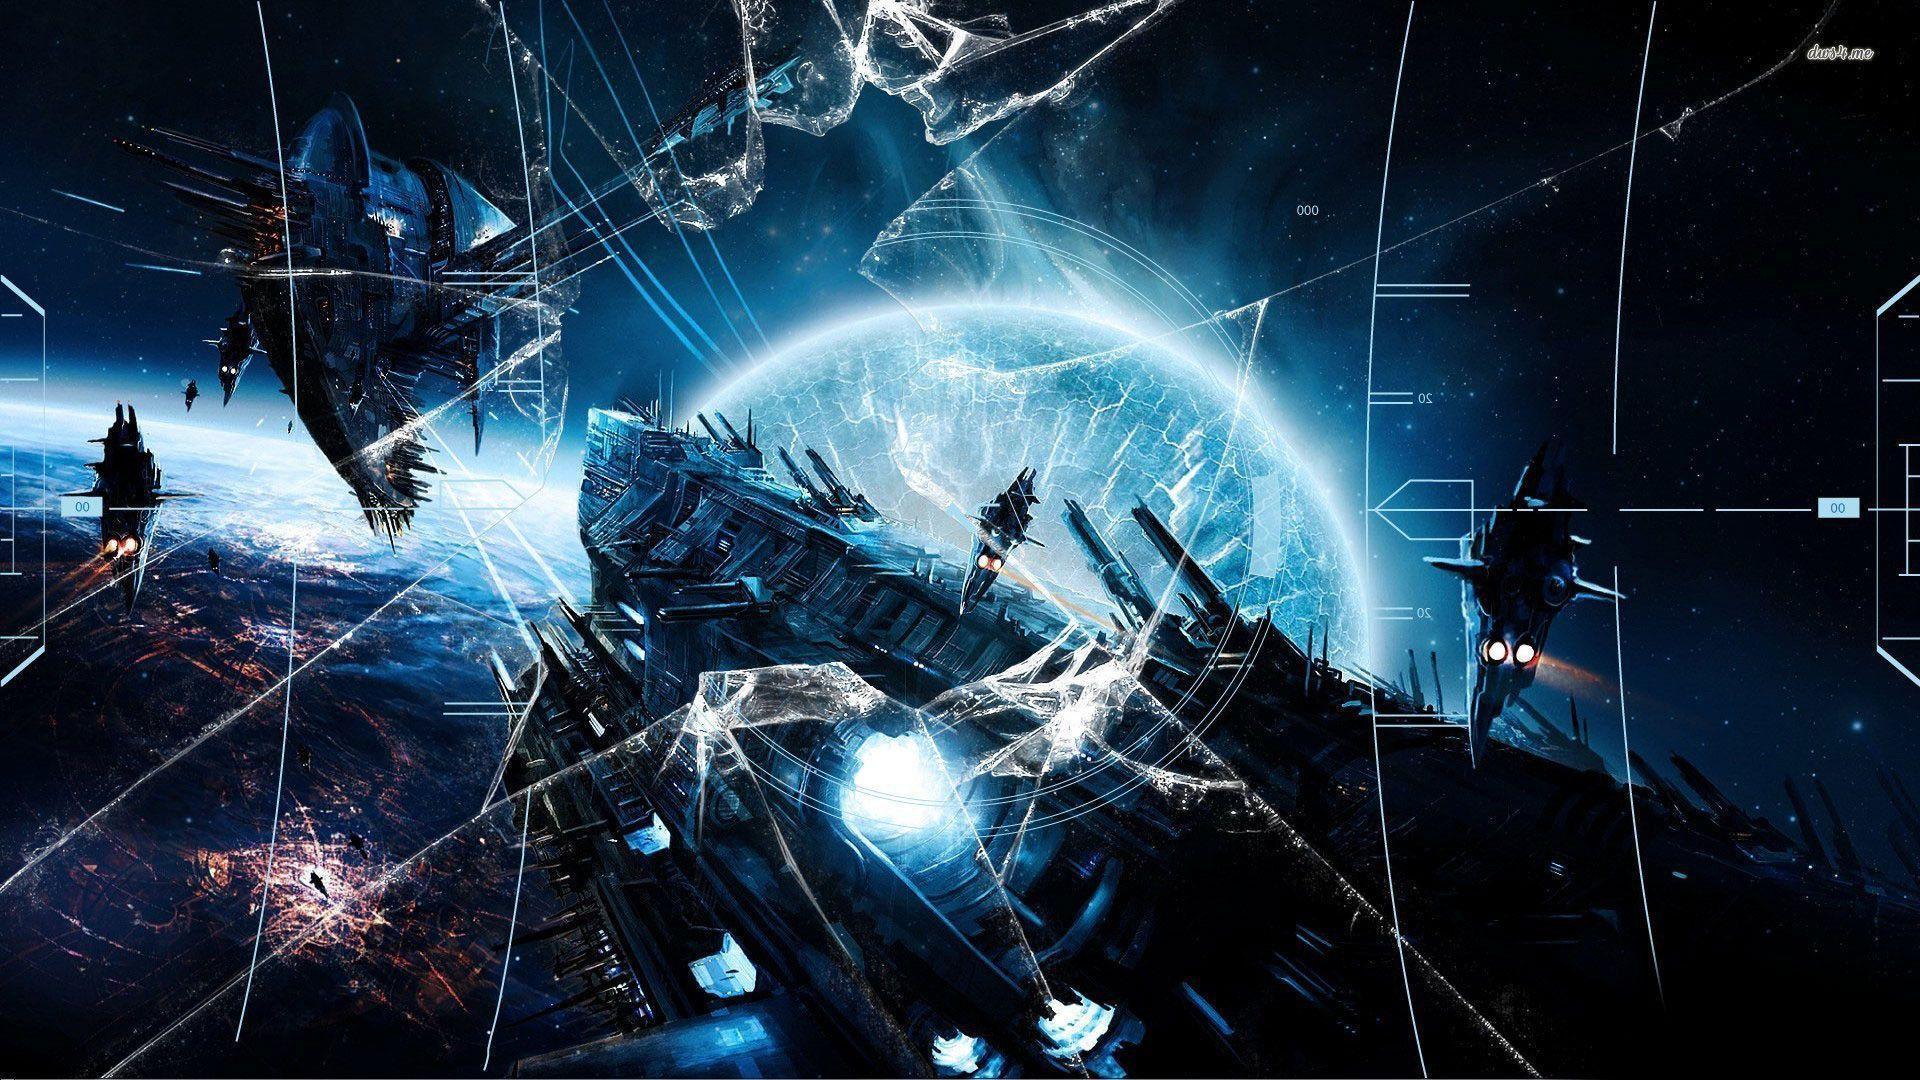 space war wallpaper -#main